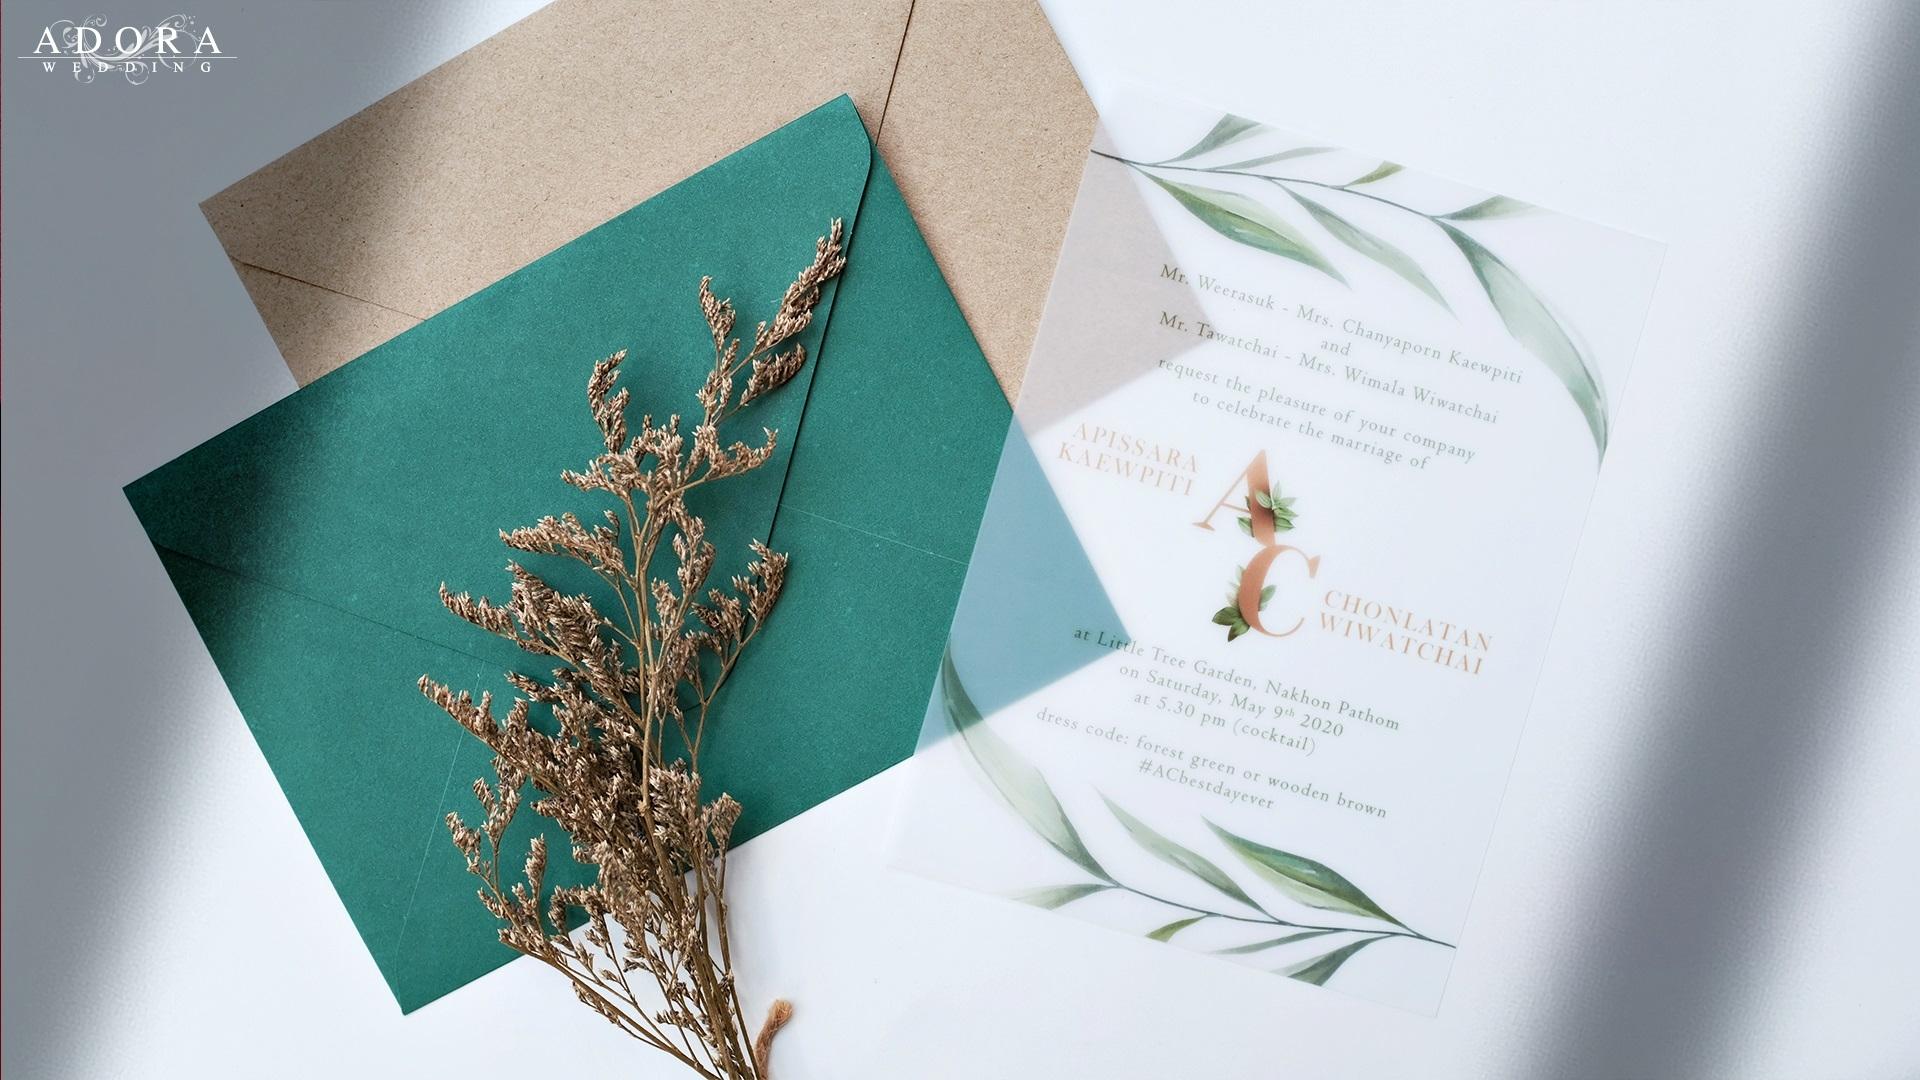 B095LM-wedding-card-4